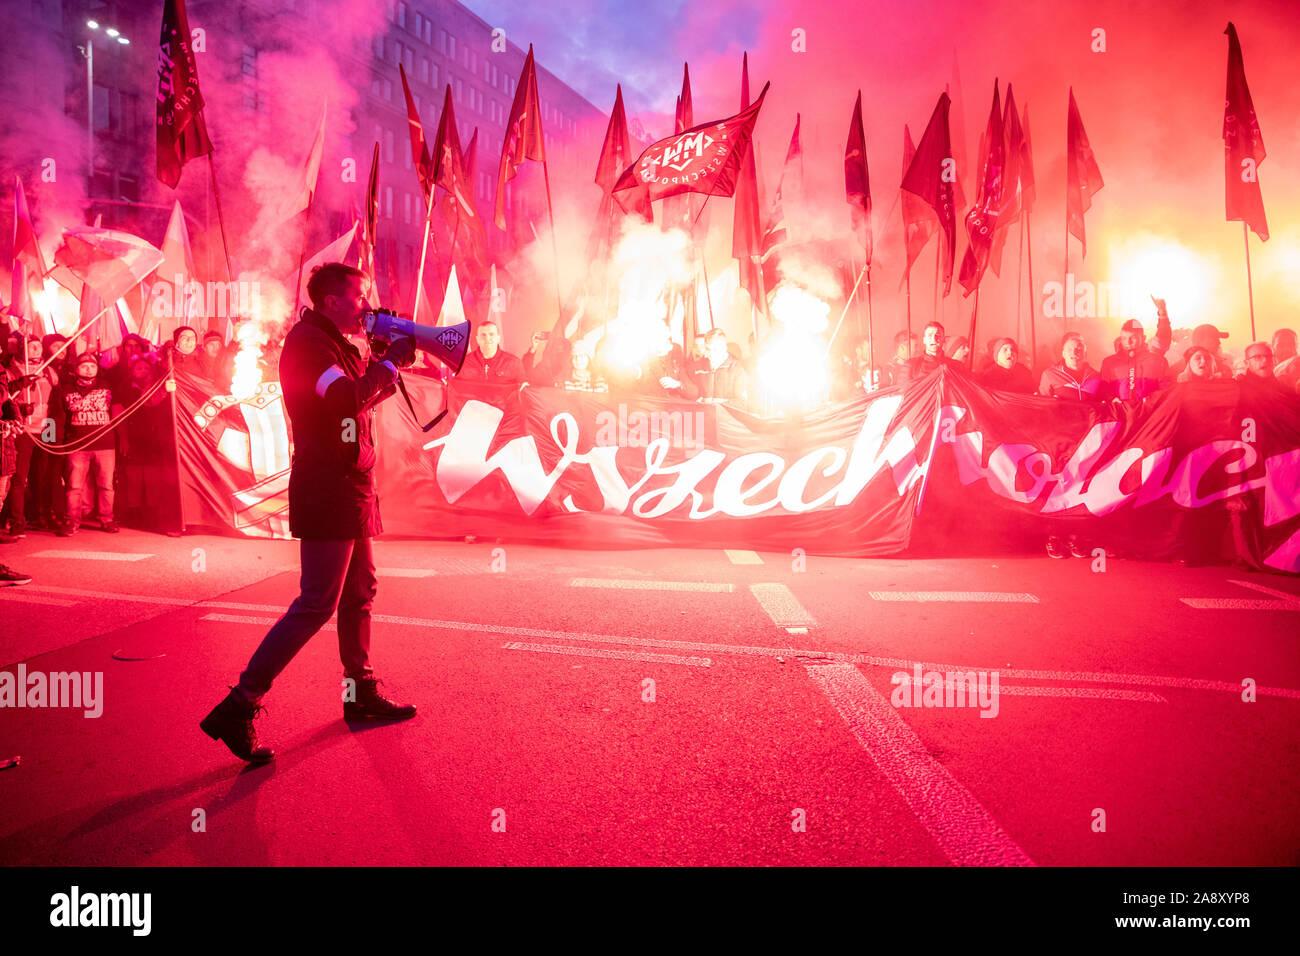 Warszawa, Mazowieckie, Polen. 11 Nov, 2019. November 11, 2019, Warschau, Polen: Unabhängigkeit März von patrioticcommunities und neo-faschistischen Organisationen organisiert. März von der Organisation der Unabhängigkeit vom März, die von vielen Organisationen mit Neo besucht wird organisiert-faschistischen Ansichten aus Polen und anderen Europäischen Ländern jedes Jahr. Credit: Grzegorz Banaszak/ZUMA Draht/Alamy leben Nachrichten Stockfoto